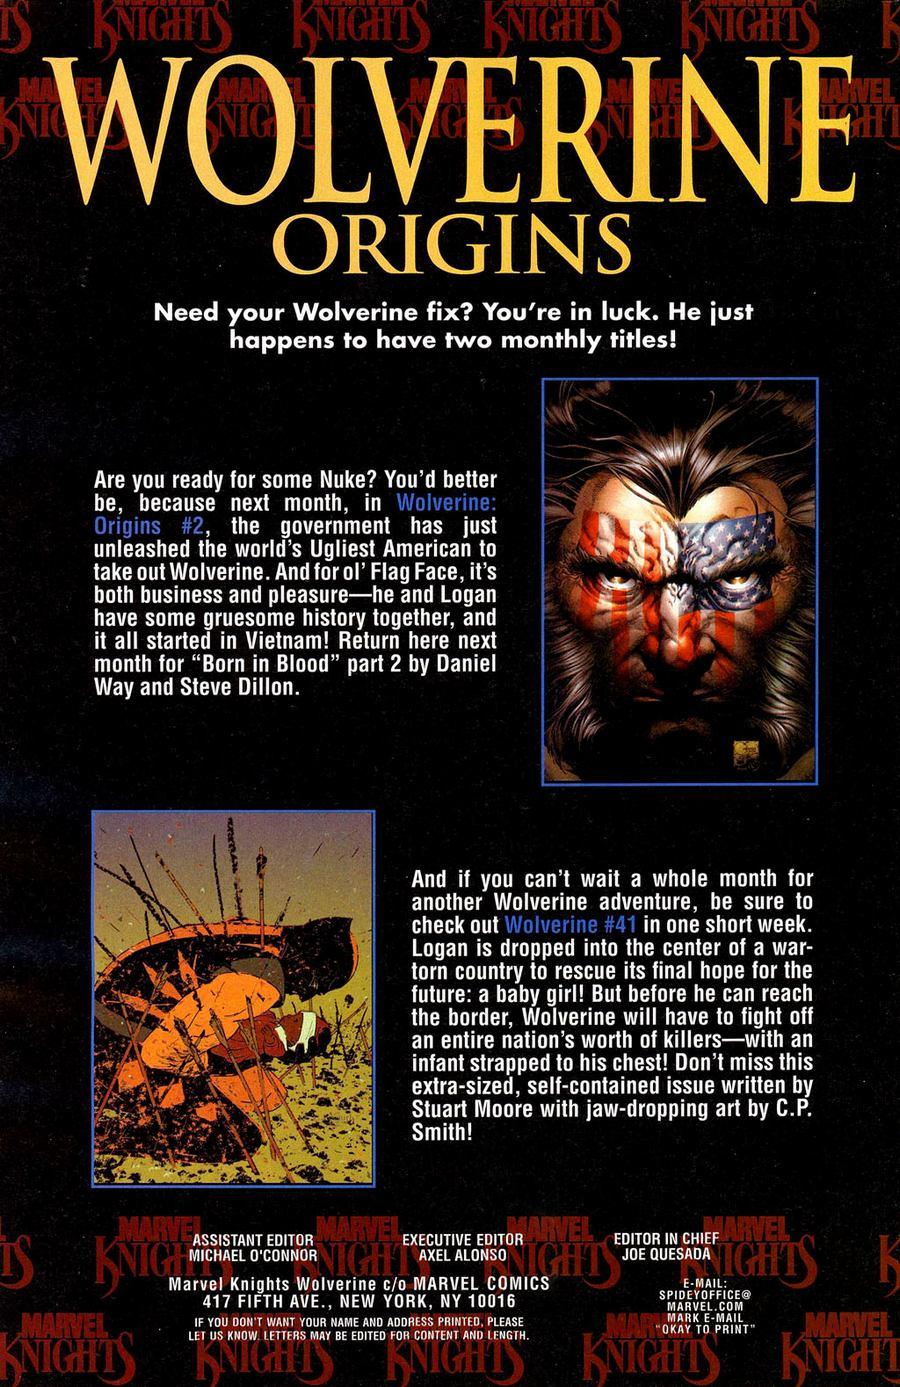 Read online Wolverine: Origins comic -  Issue #1 - 26